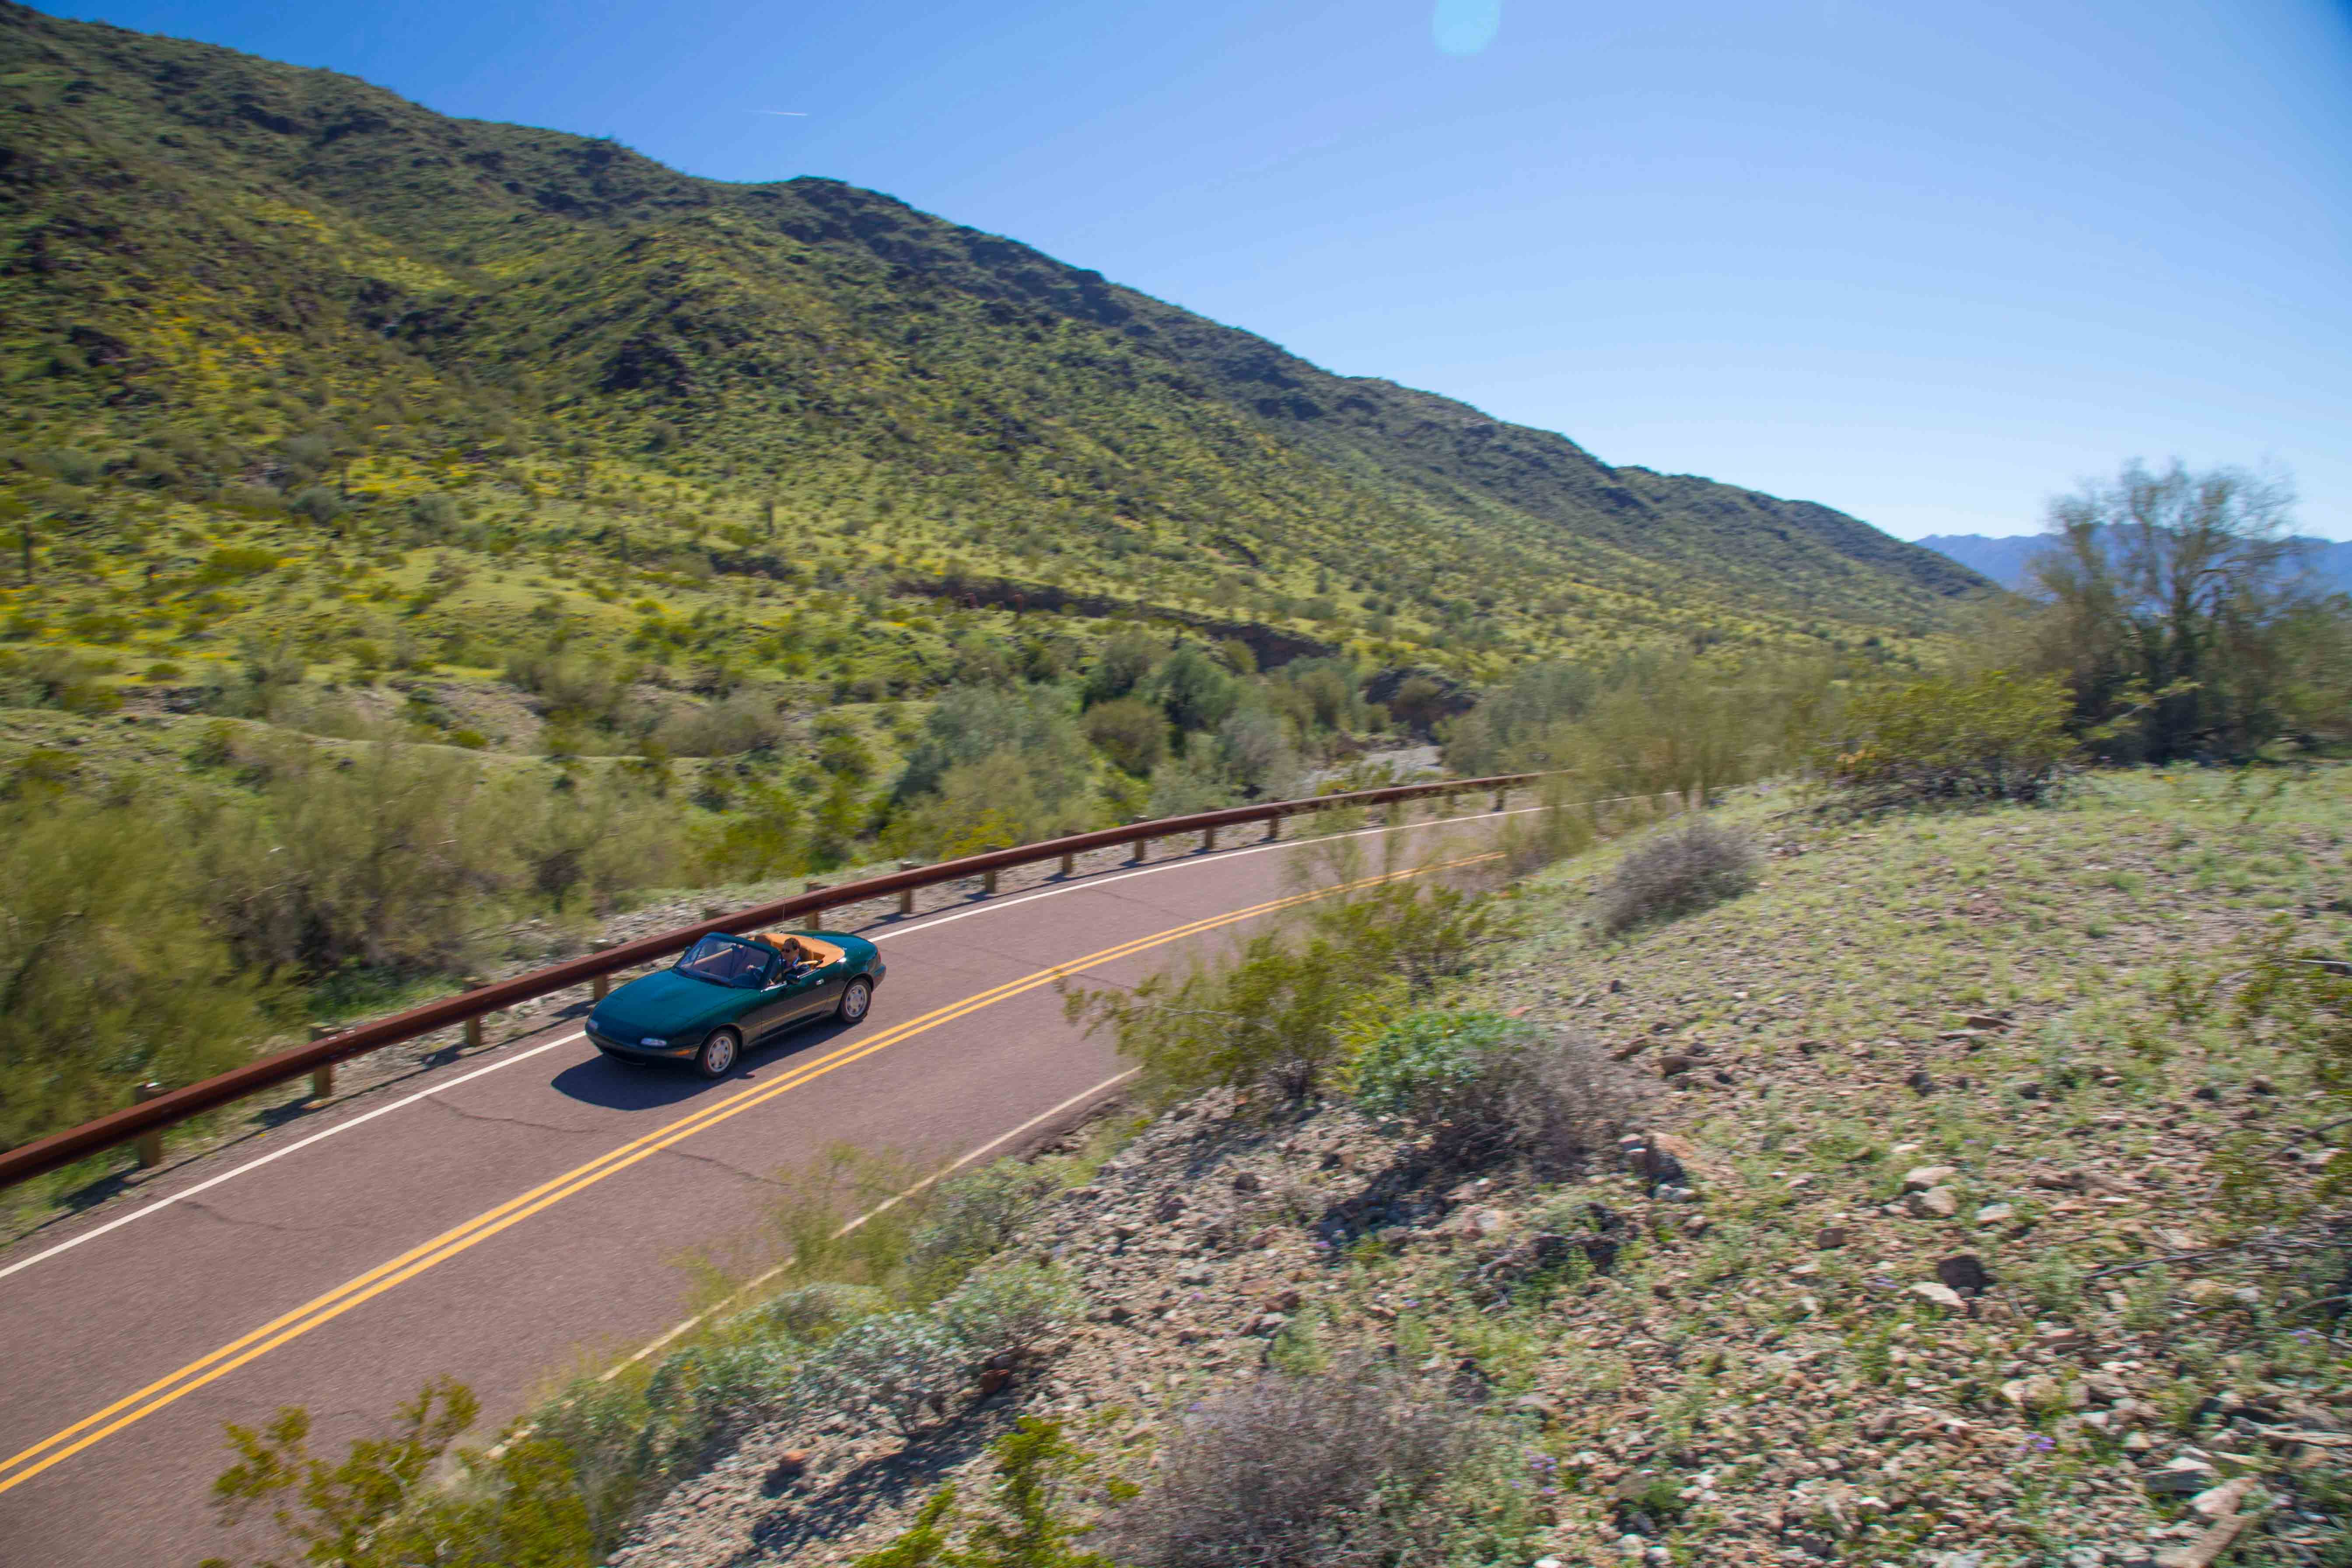 1990 Mazda MX-5 Miata green desert above